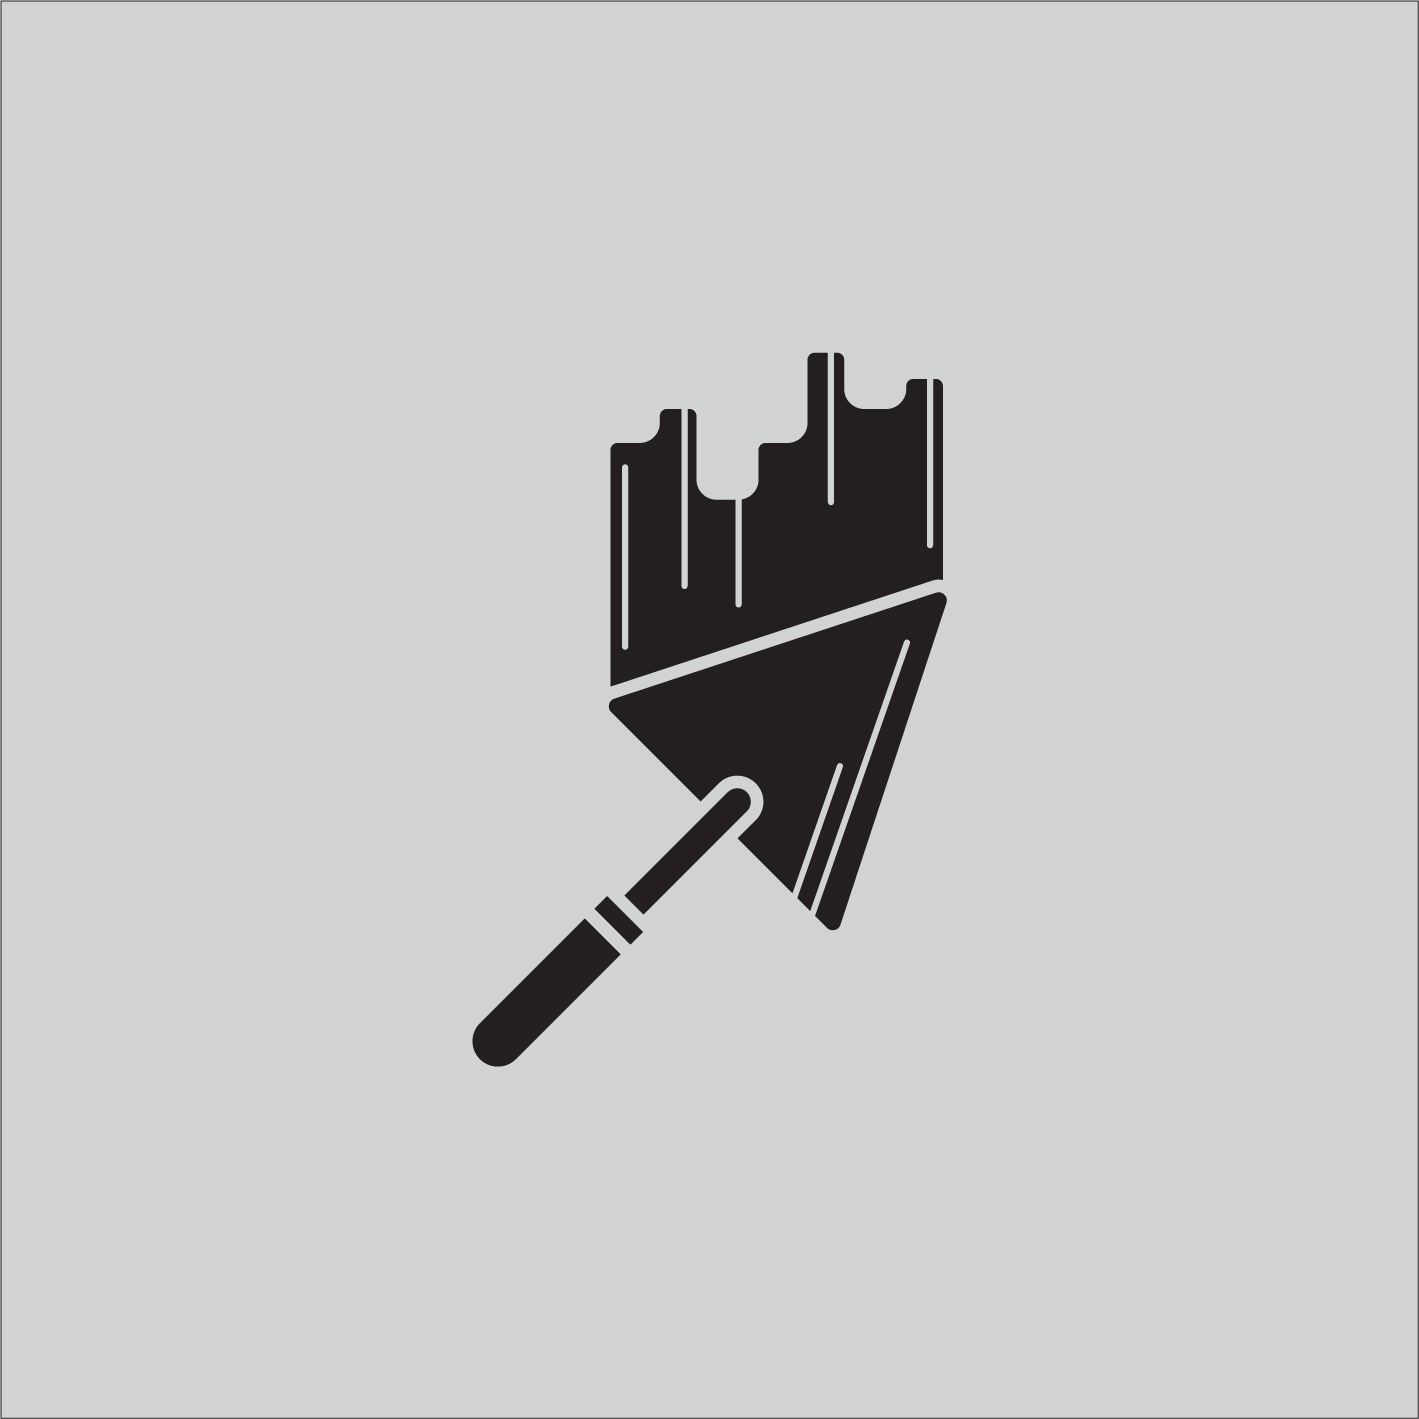 Empresa de Blocos Estruturais na Cidade Tiradentes - Bloco Estrutural - Concreto São Paulo